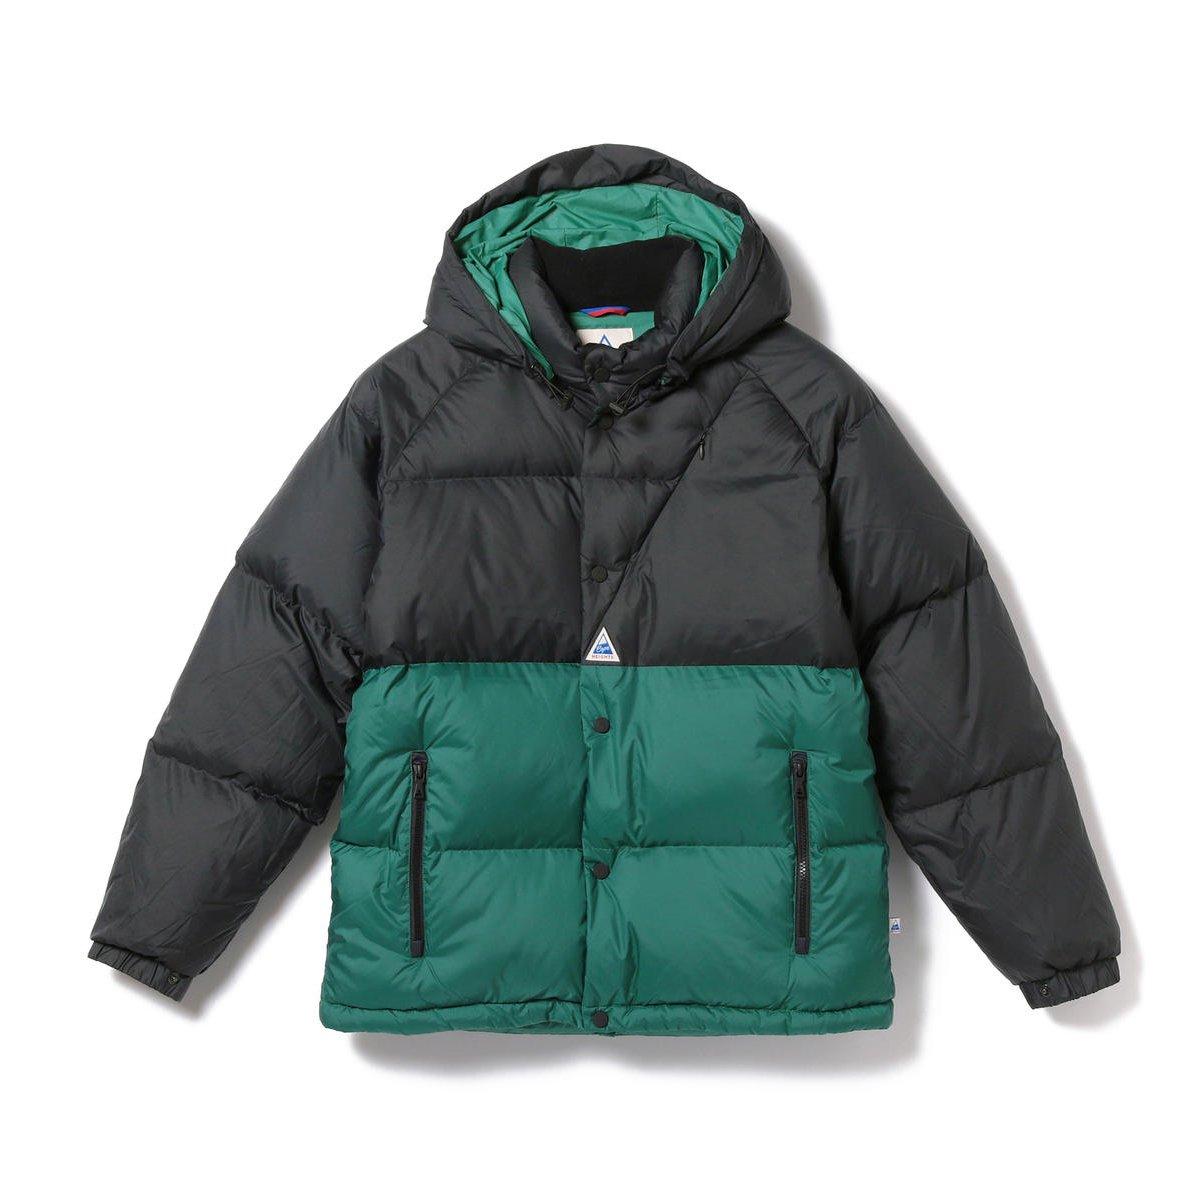 Cape Heights    #LUTAK TECH Jacket  -BLACK/SPRUCE